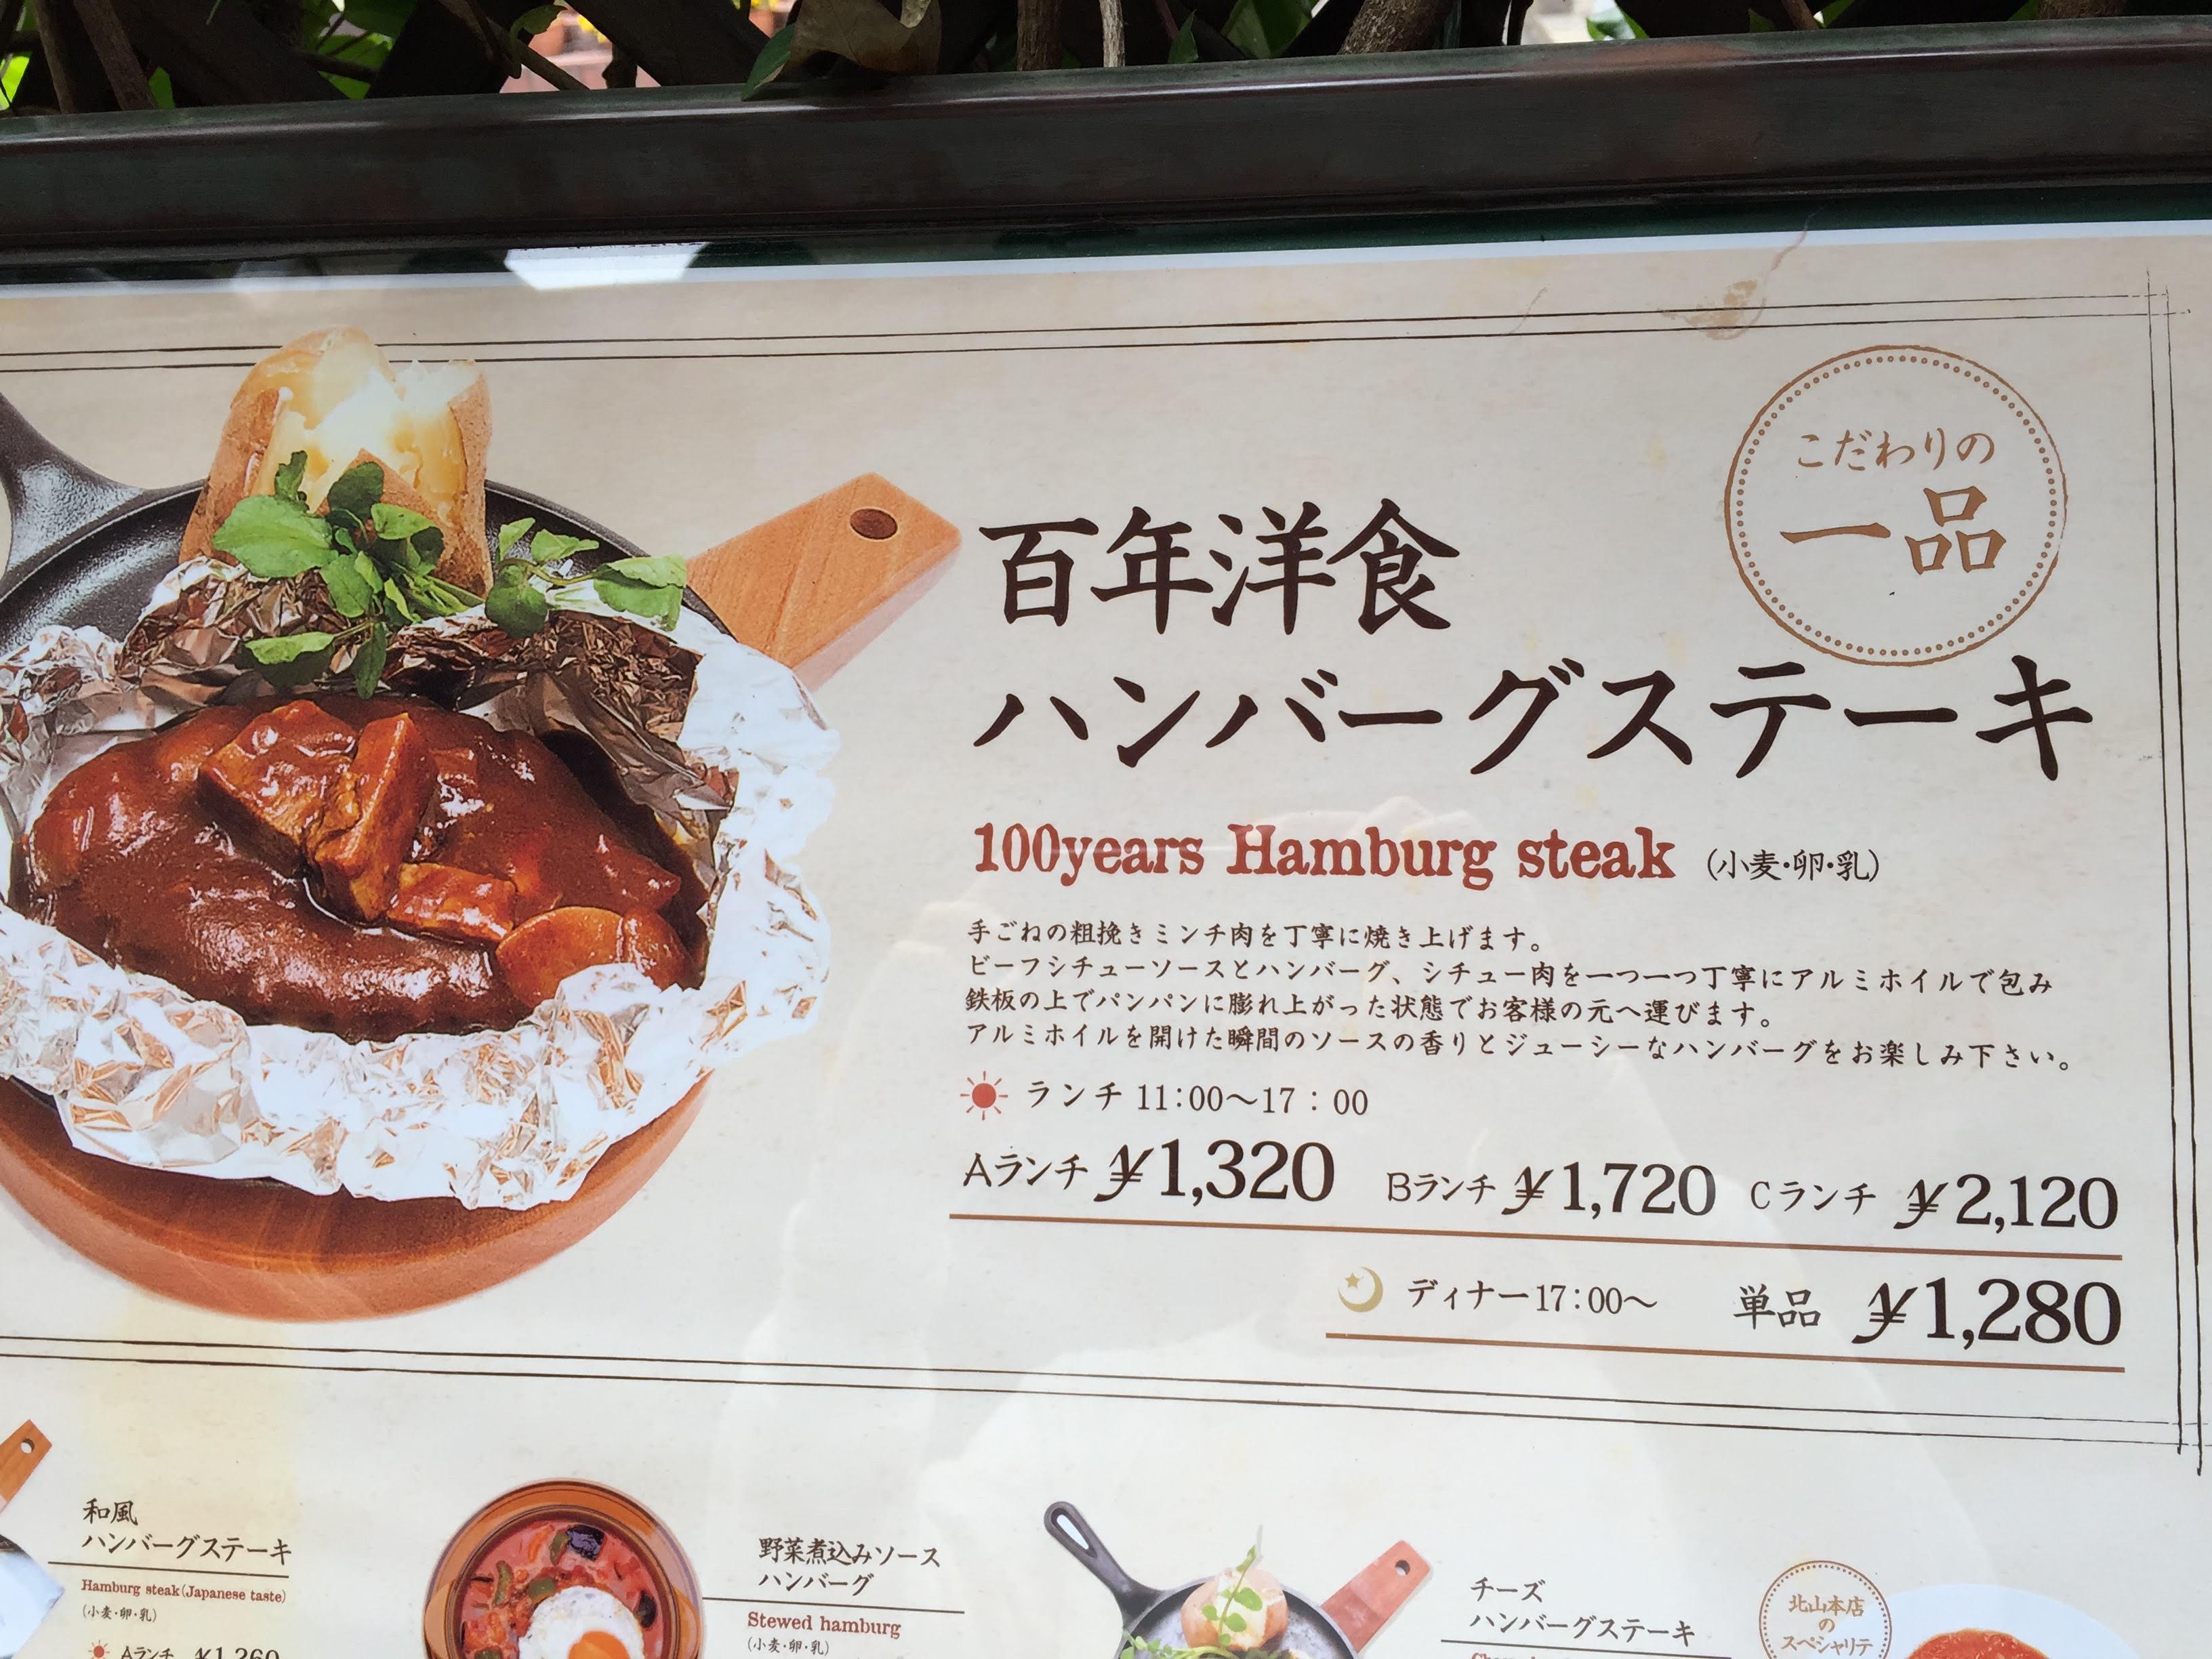 キャピタル東洋亭 北山 メニュー